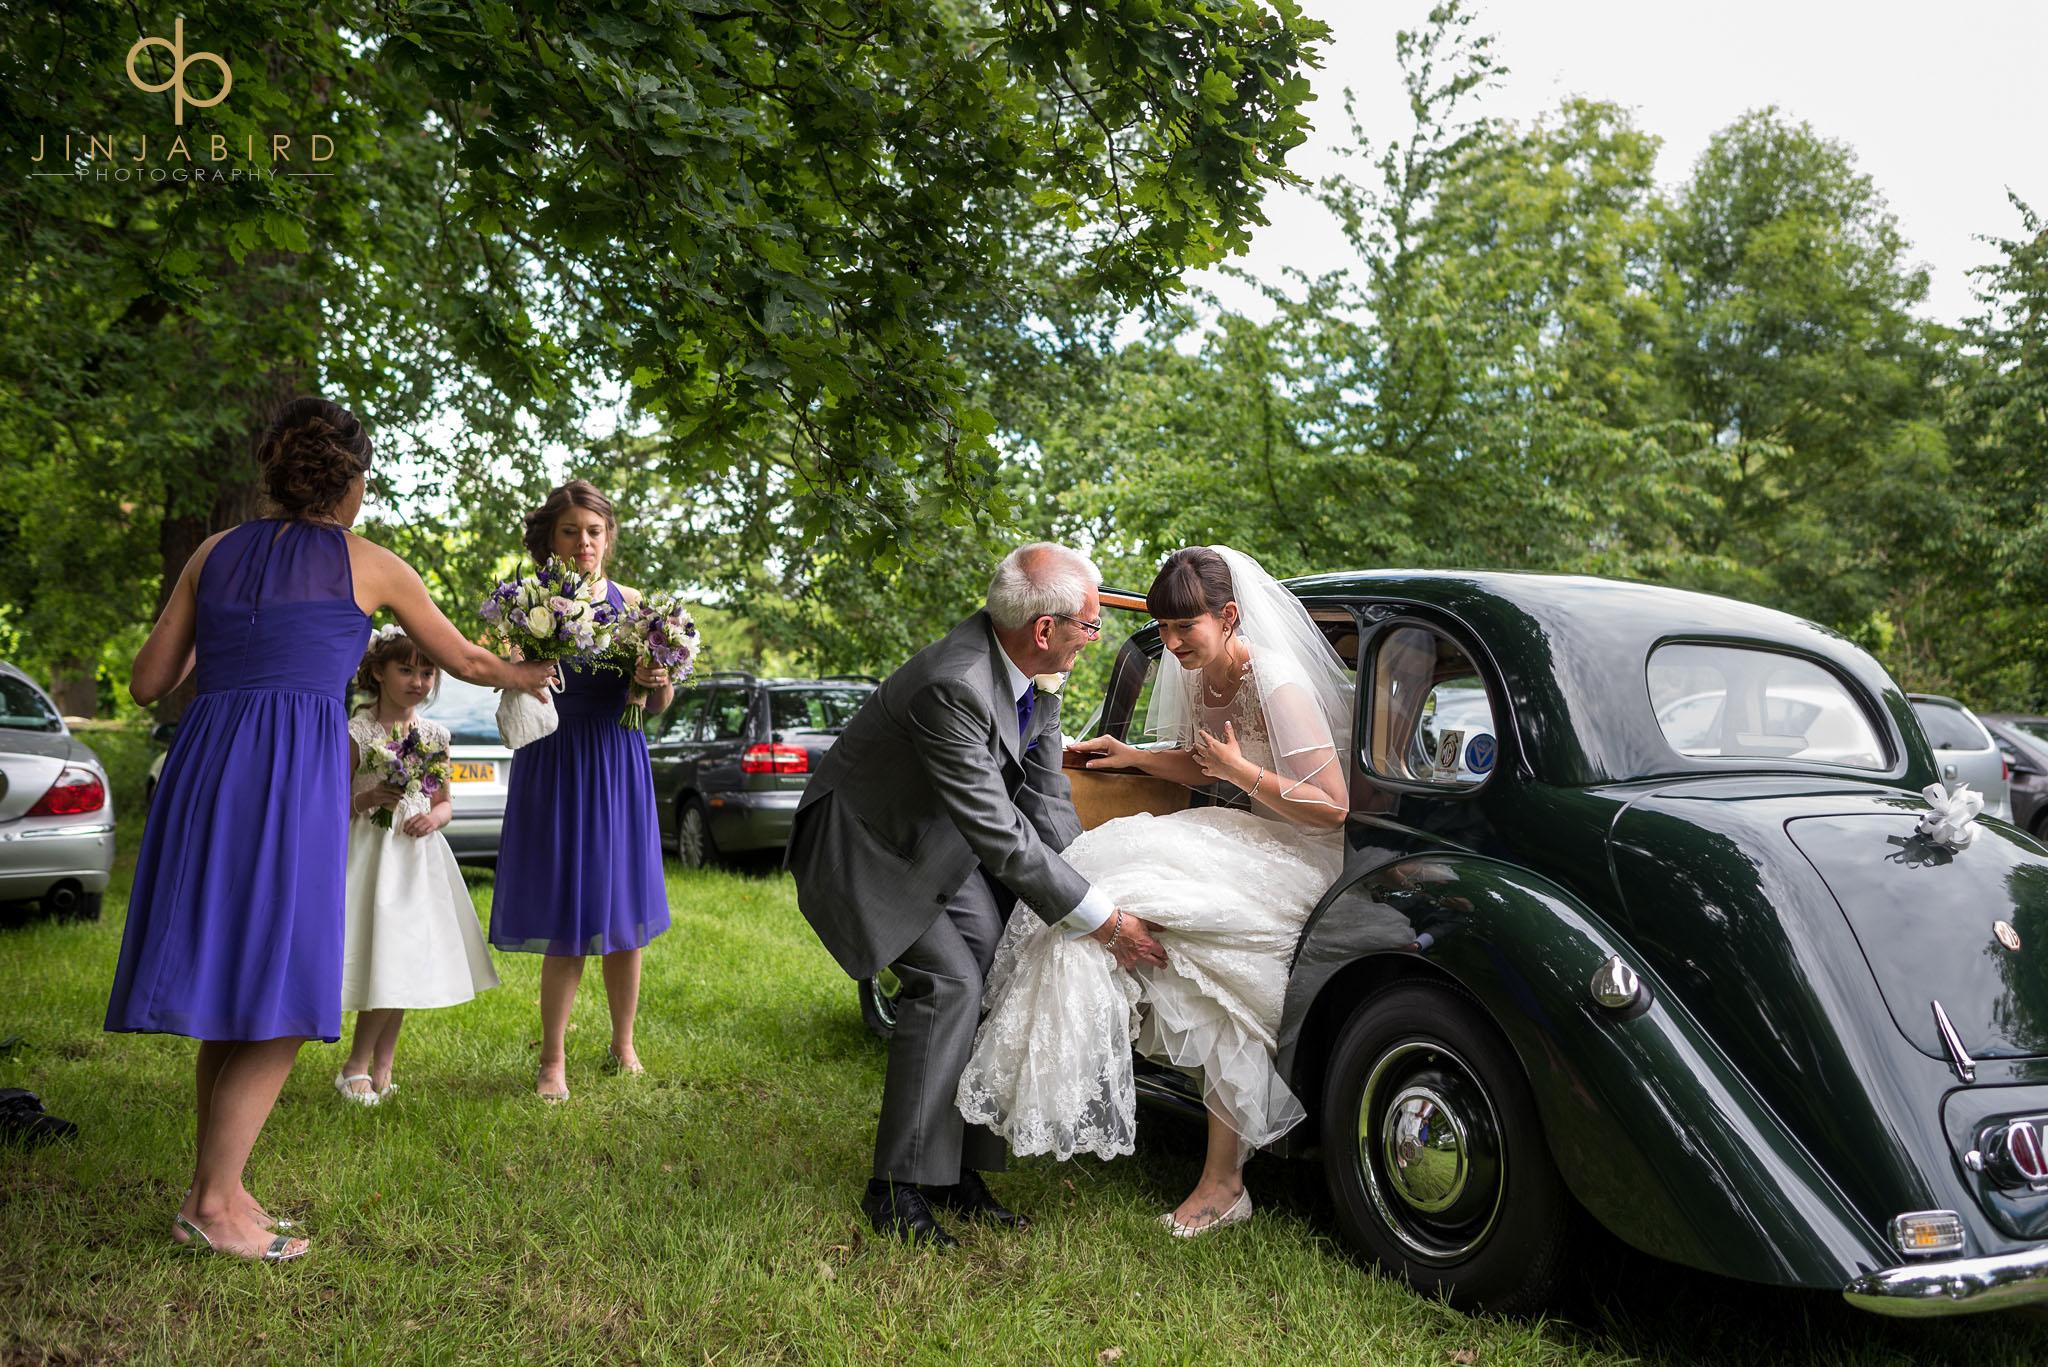 wedding photographers st-mary magdalene church hilton